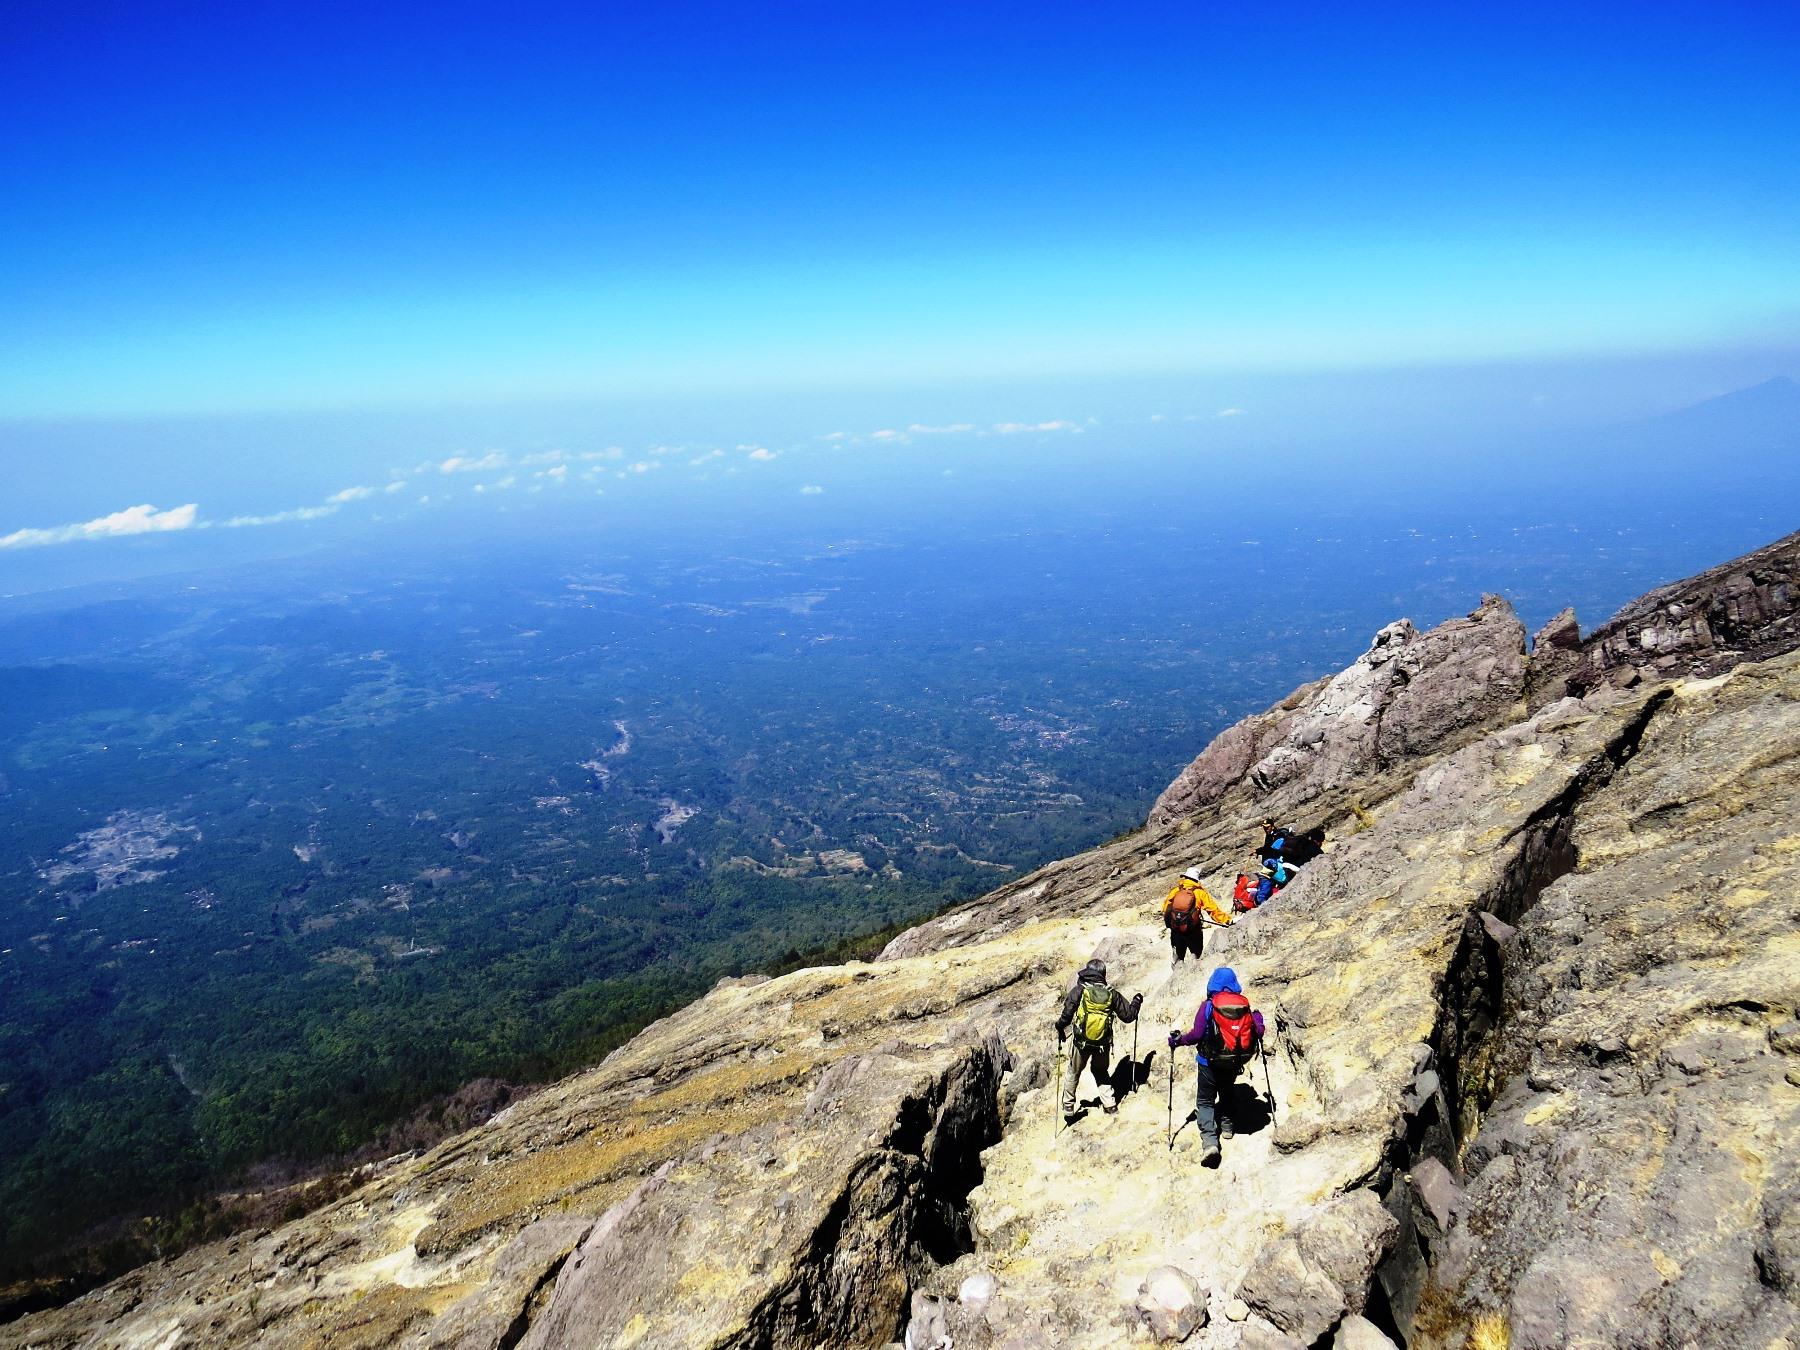 バリ島最高峰アグン山とバトゥール山2座登頂 5日間